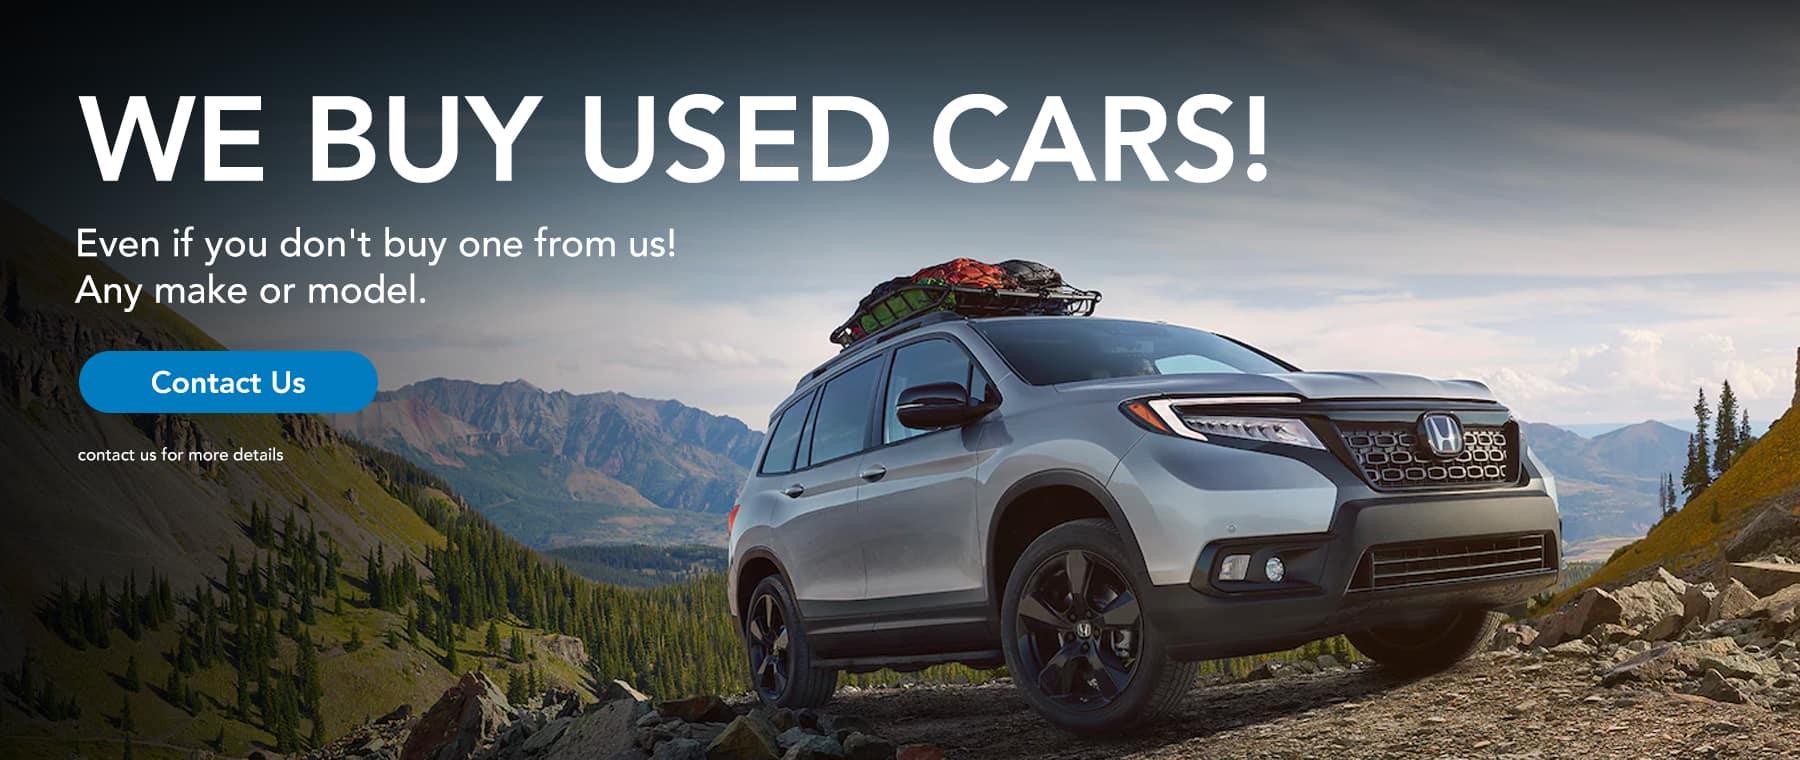 We buy used cars!